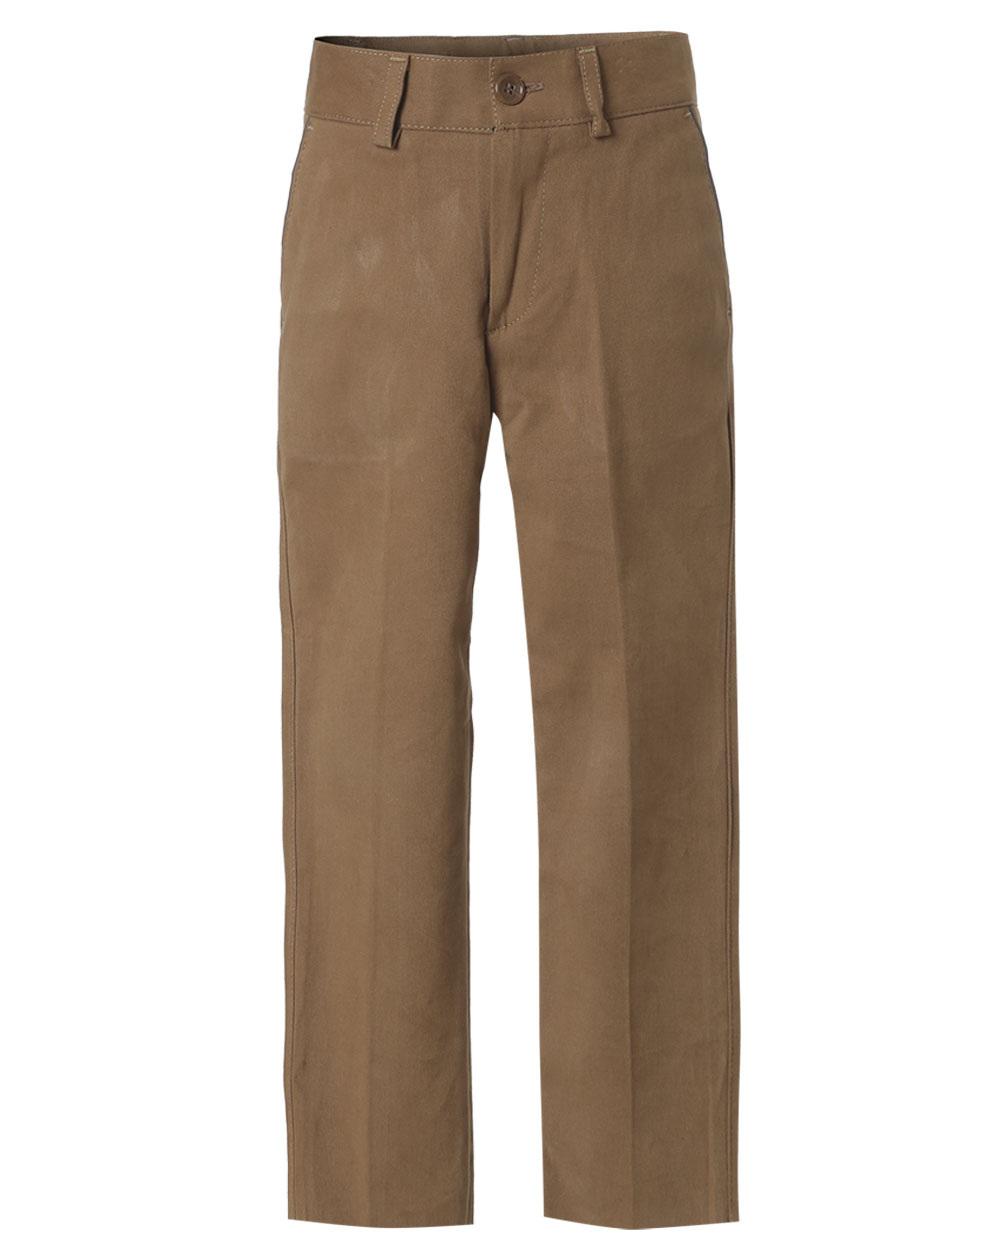 Ελαστικό παντελόνι chinos σε κλασική γραμμή 42-116191-2 - ΠΟΥΡΟ - 12210-40/12/324/109